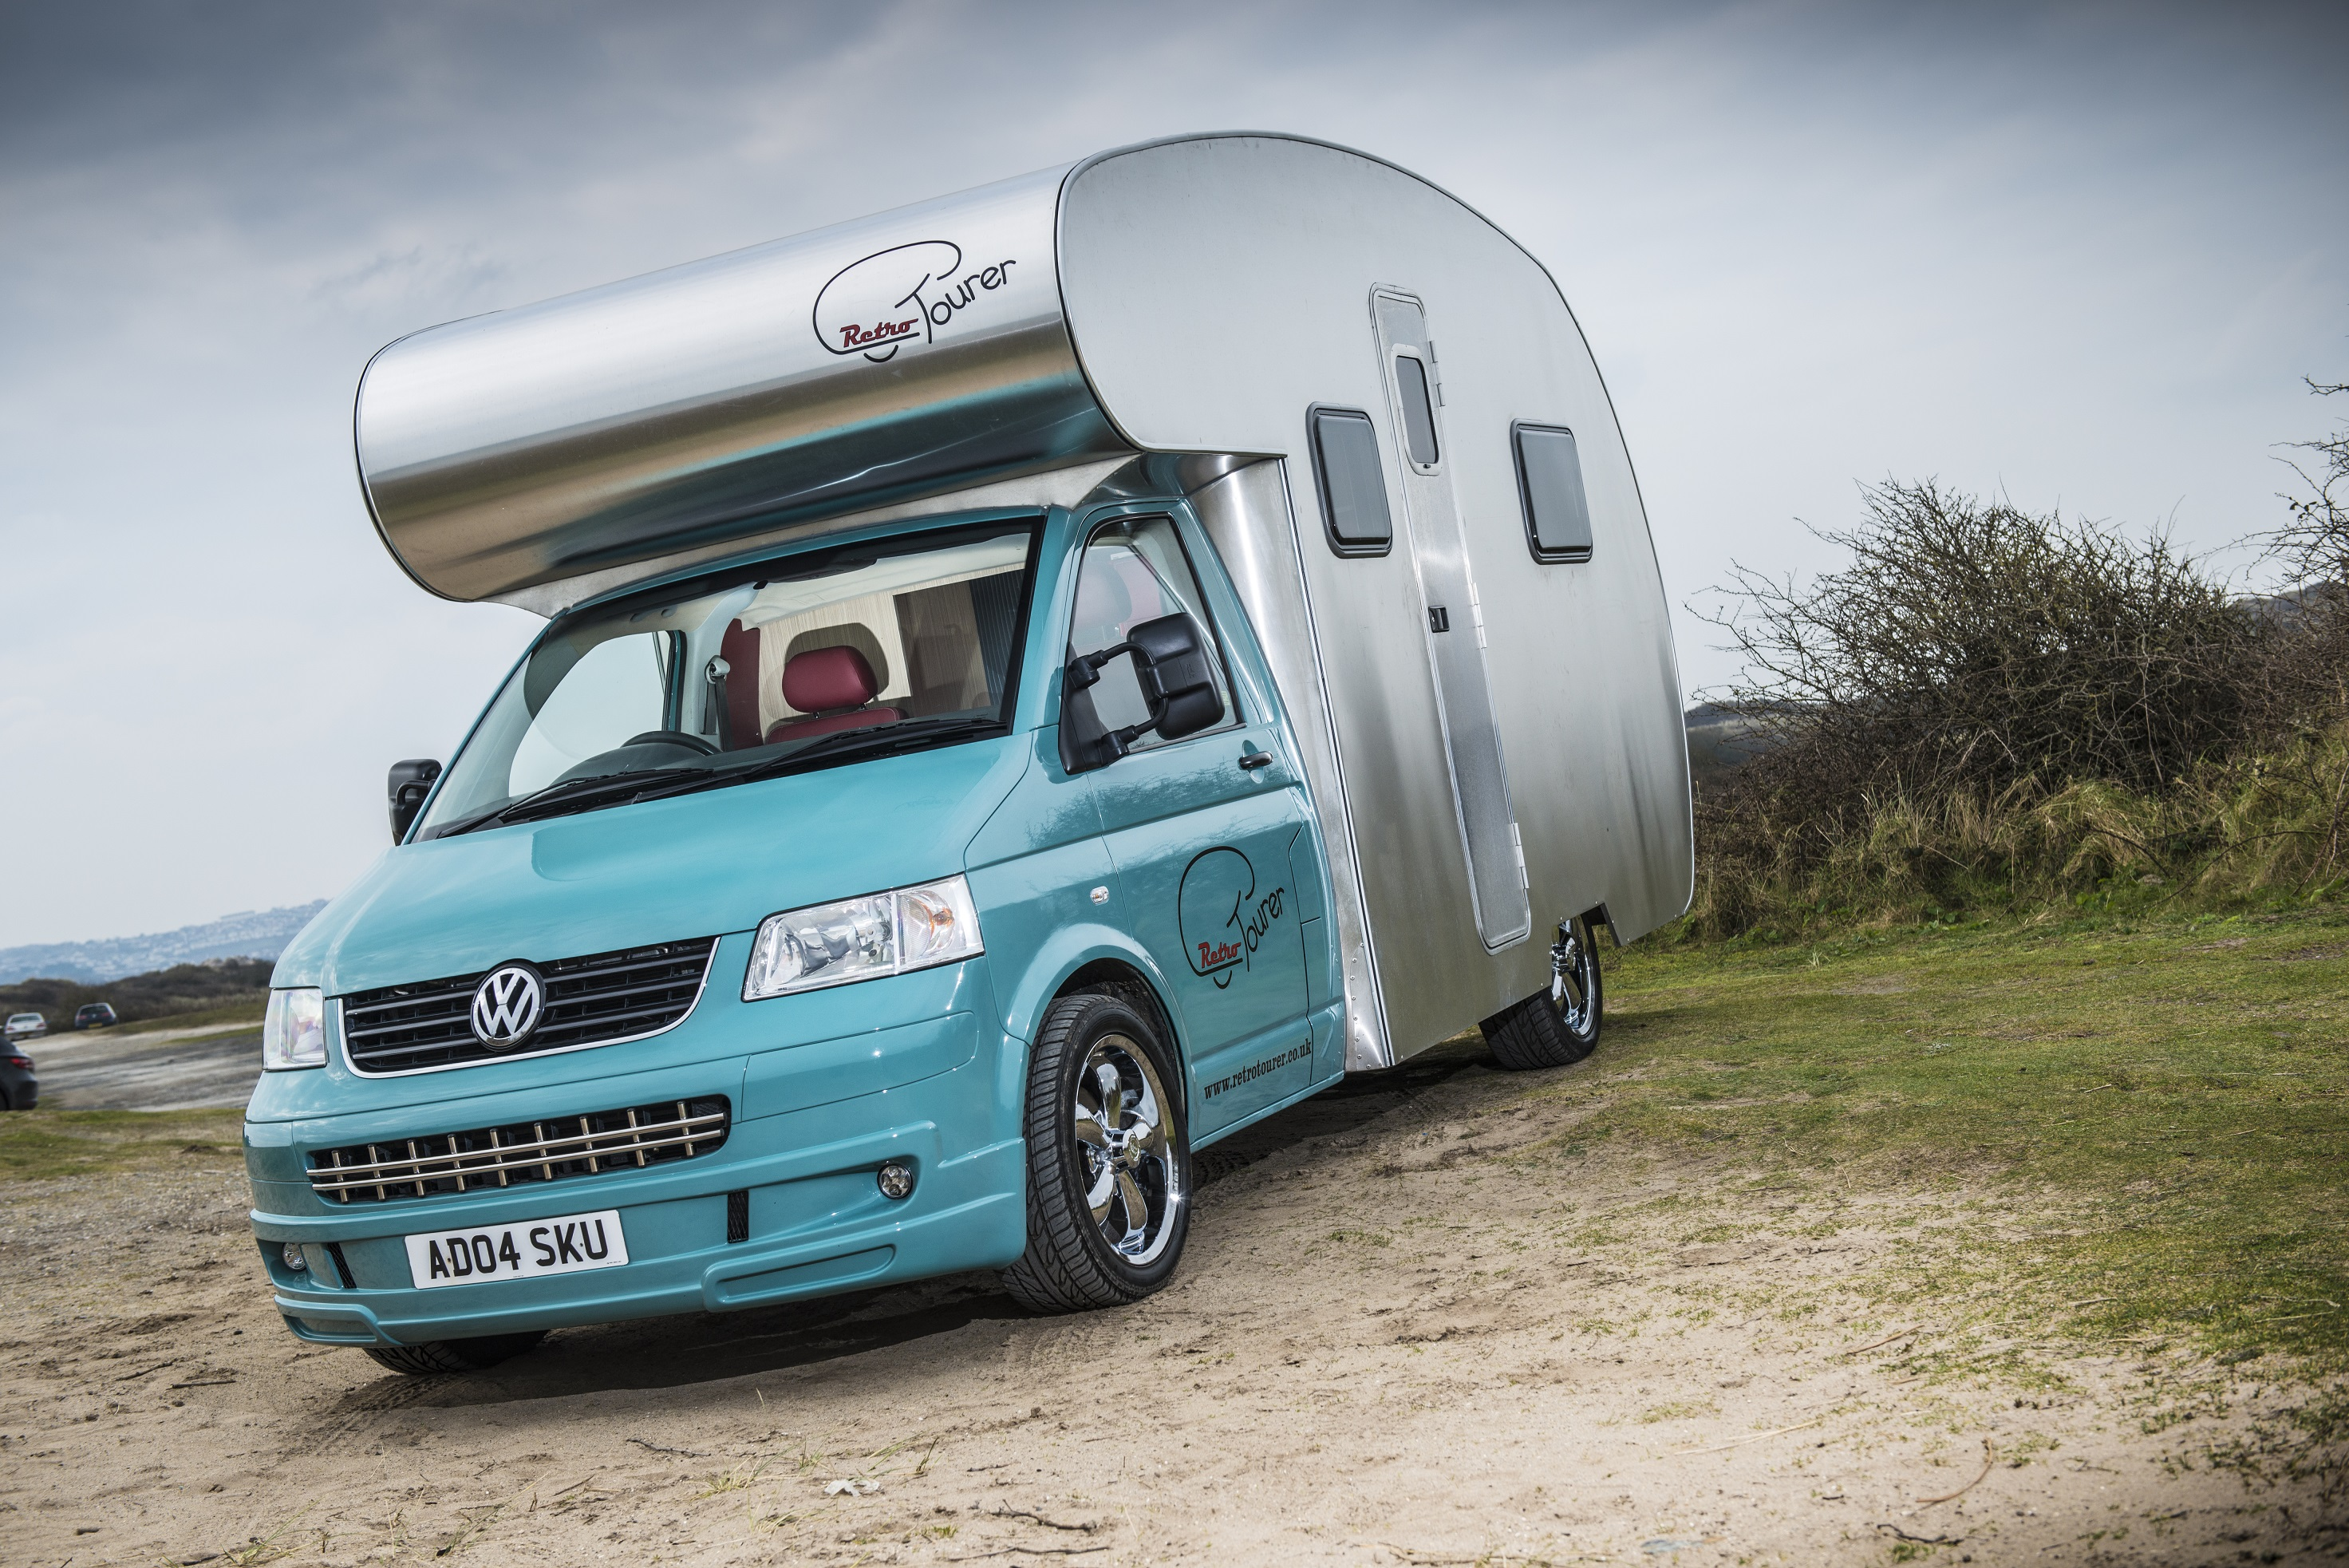 Coachbuilt Motorhome Built On Vw Chassis Retro Tourer